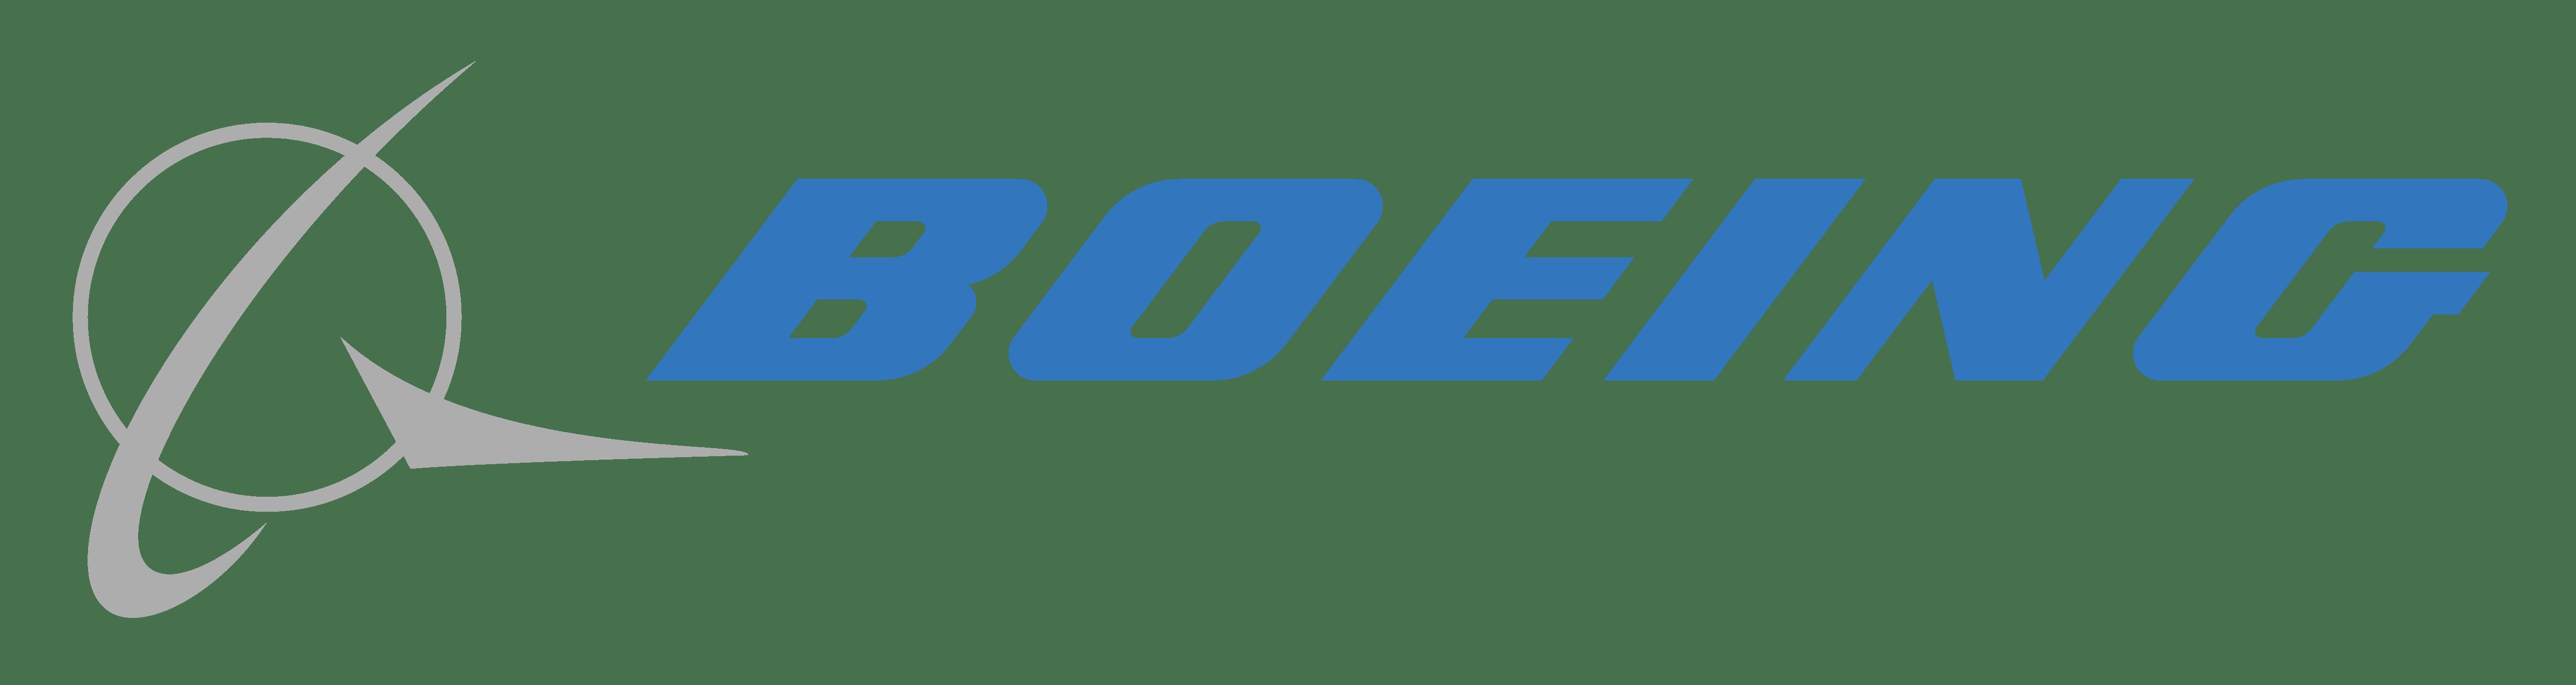 download boeing logo png transparent download boeing logo png images rh pluspng com Old Boeing Logo boeing logo vector download